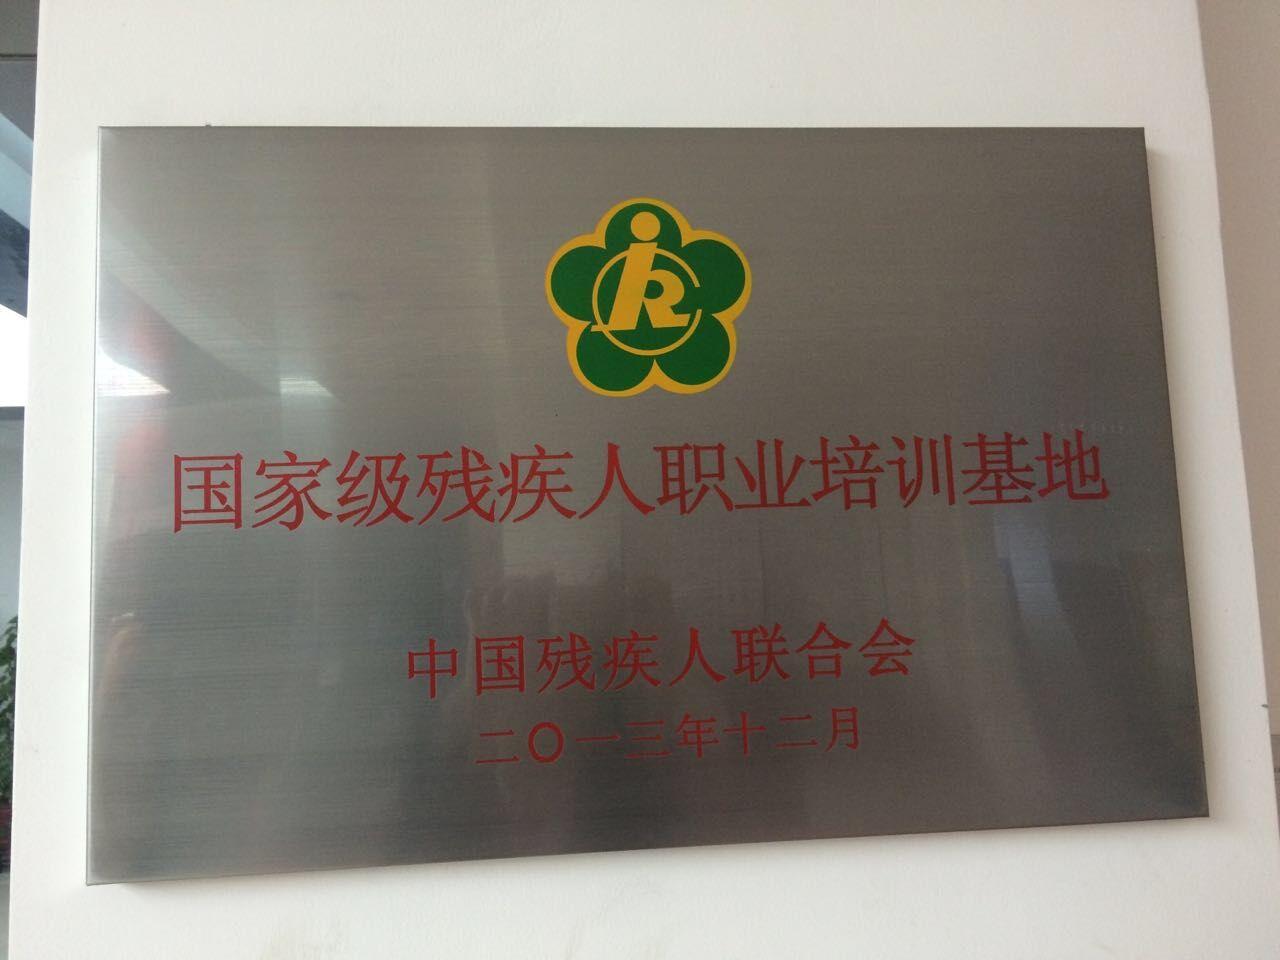 残疾人职业基地.jpg